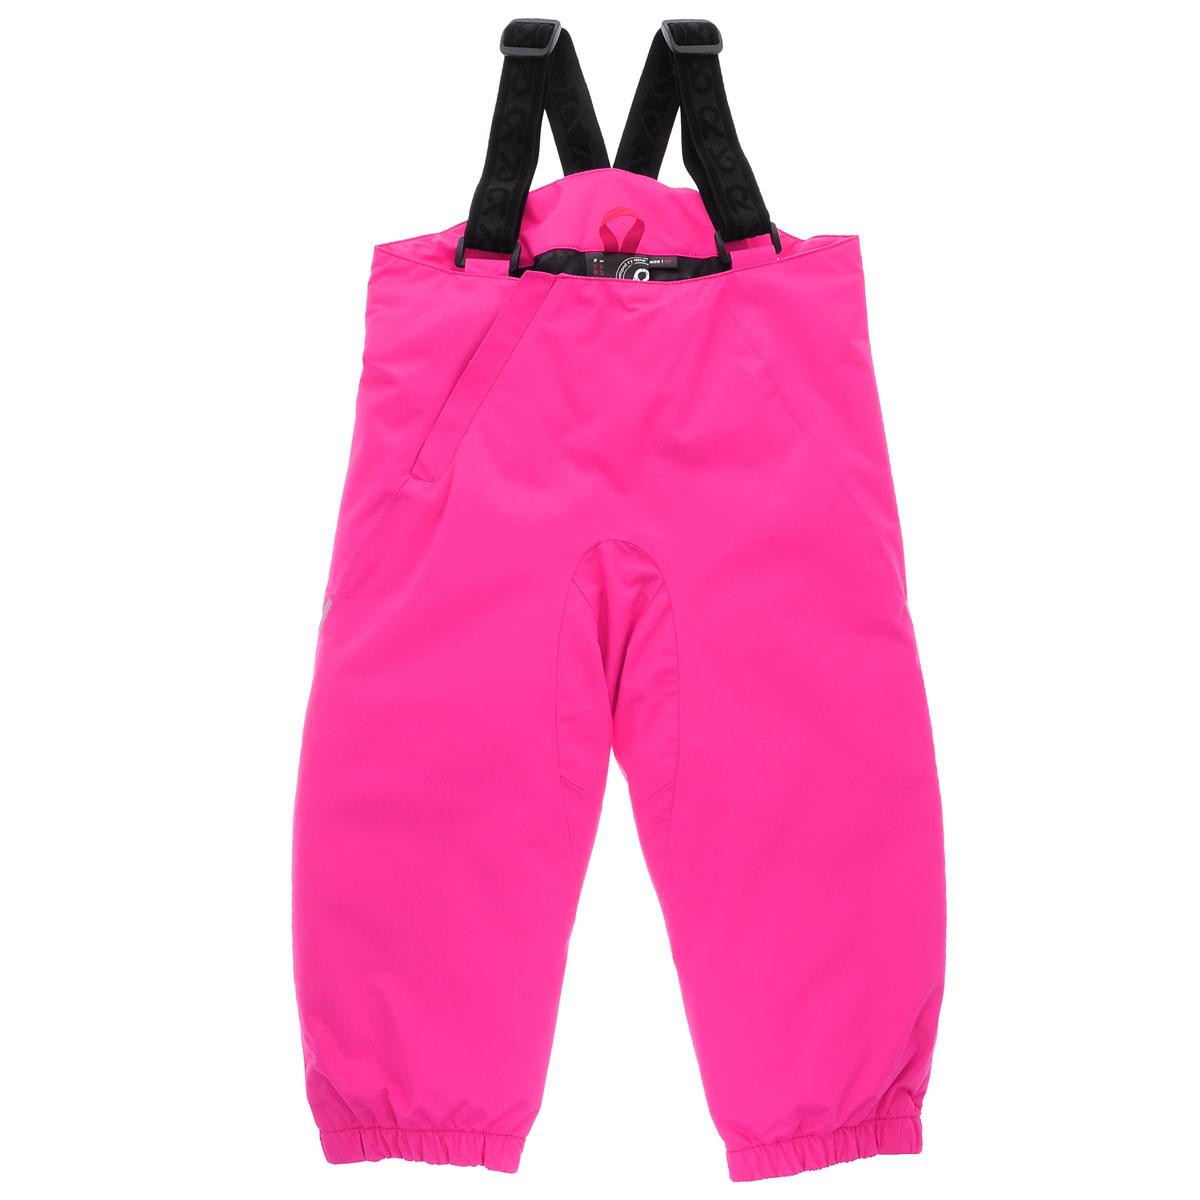 Брюки детские Reimatec+ Pilvi. 512052 - Reima512052_4620Теплые детские брюки Reimatec Pilvi идеально подойдут для ребенка в холодное время года. Брюки изготовлены из водоотталкивающей и ветрозащитной мембранной ткани с утеплителем из 100% полиэстера. Материал отличается высокой устойчивостью к трению, благодаря специальной обработке полиуретаном поверхность изделия отталкивает грязь и воду, что облегчает поддержание аккуратного вида одежды, дышащее покрытие с изнаночной части не раздражает даже самую нежную и чувствительную кожу ребенка, обеспечивая ему наибольший комфорт. Брюки застегиваются на ширинку на застежке-молнии и имеют несъемные эластичные наплечные лямки, регулируемые по длине. Сзади предусмотрена вшитая широкая эластичная резинка, которая позволяет надежно заправить в брюки водолазку или свитер. В области ягодиц предусмотрено дополнительное утепление в виде вставки из искусственного меха. Снизу брючин предусмотрены неширокие эластичные резинки и съемные прорезиненные штрипки, одевающиеся на ступню и не дающие...